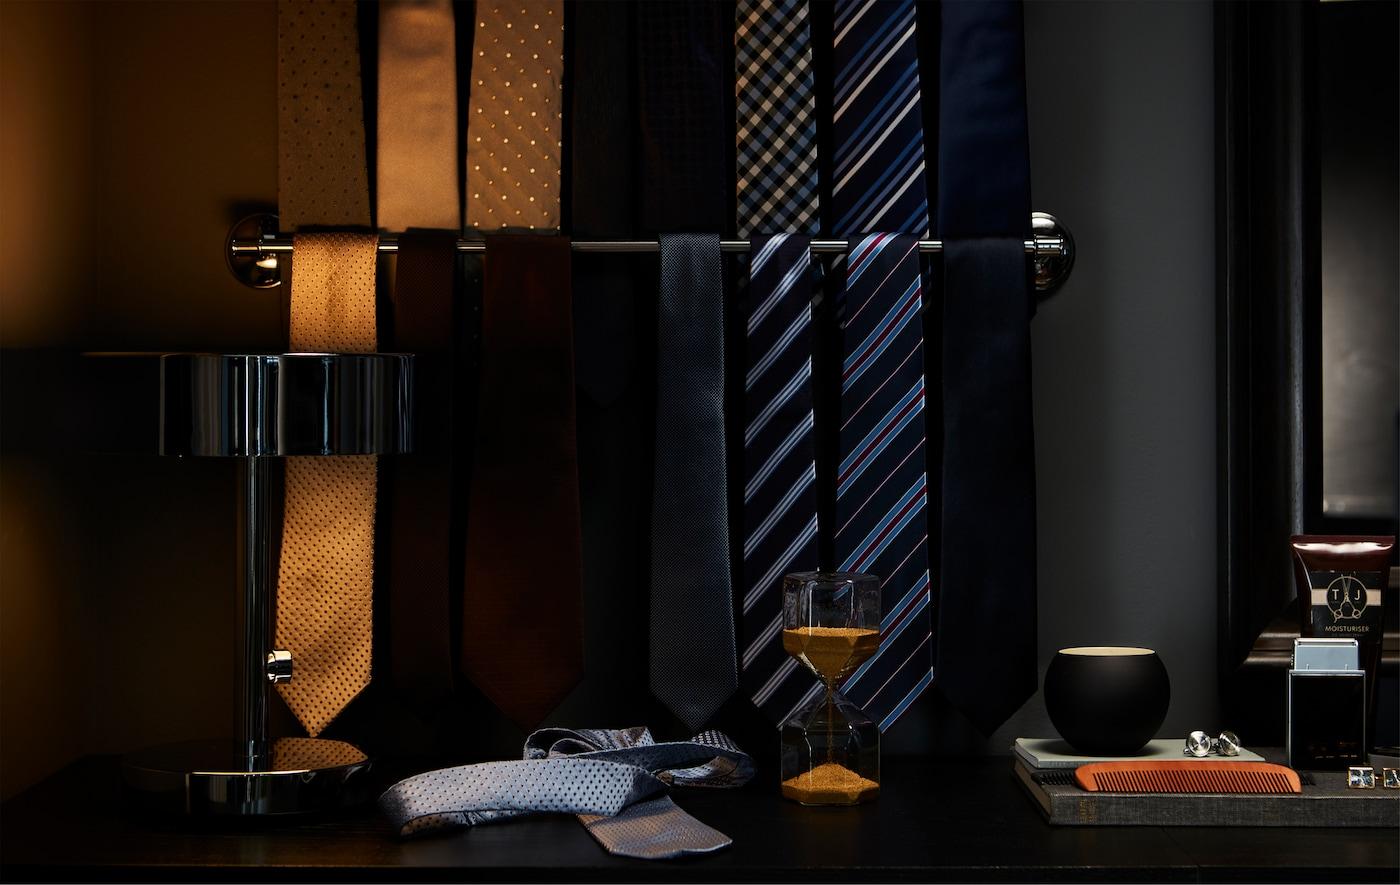 Corbatas en marrón dorado, azul, negro, gris y rayas colgadas en un toallero cromado IKEA para facilitar la visión.